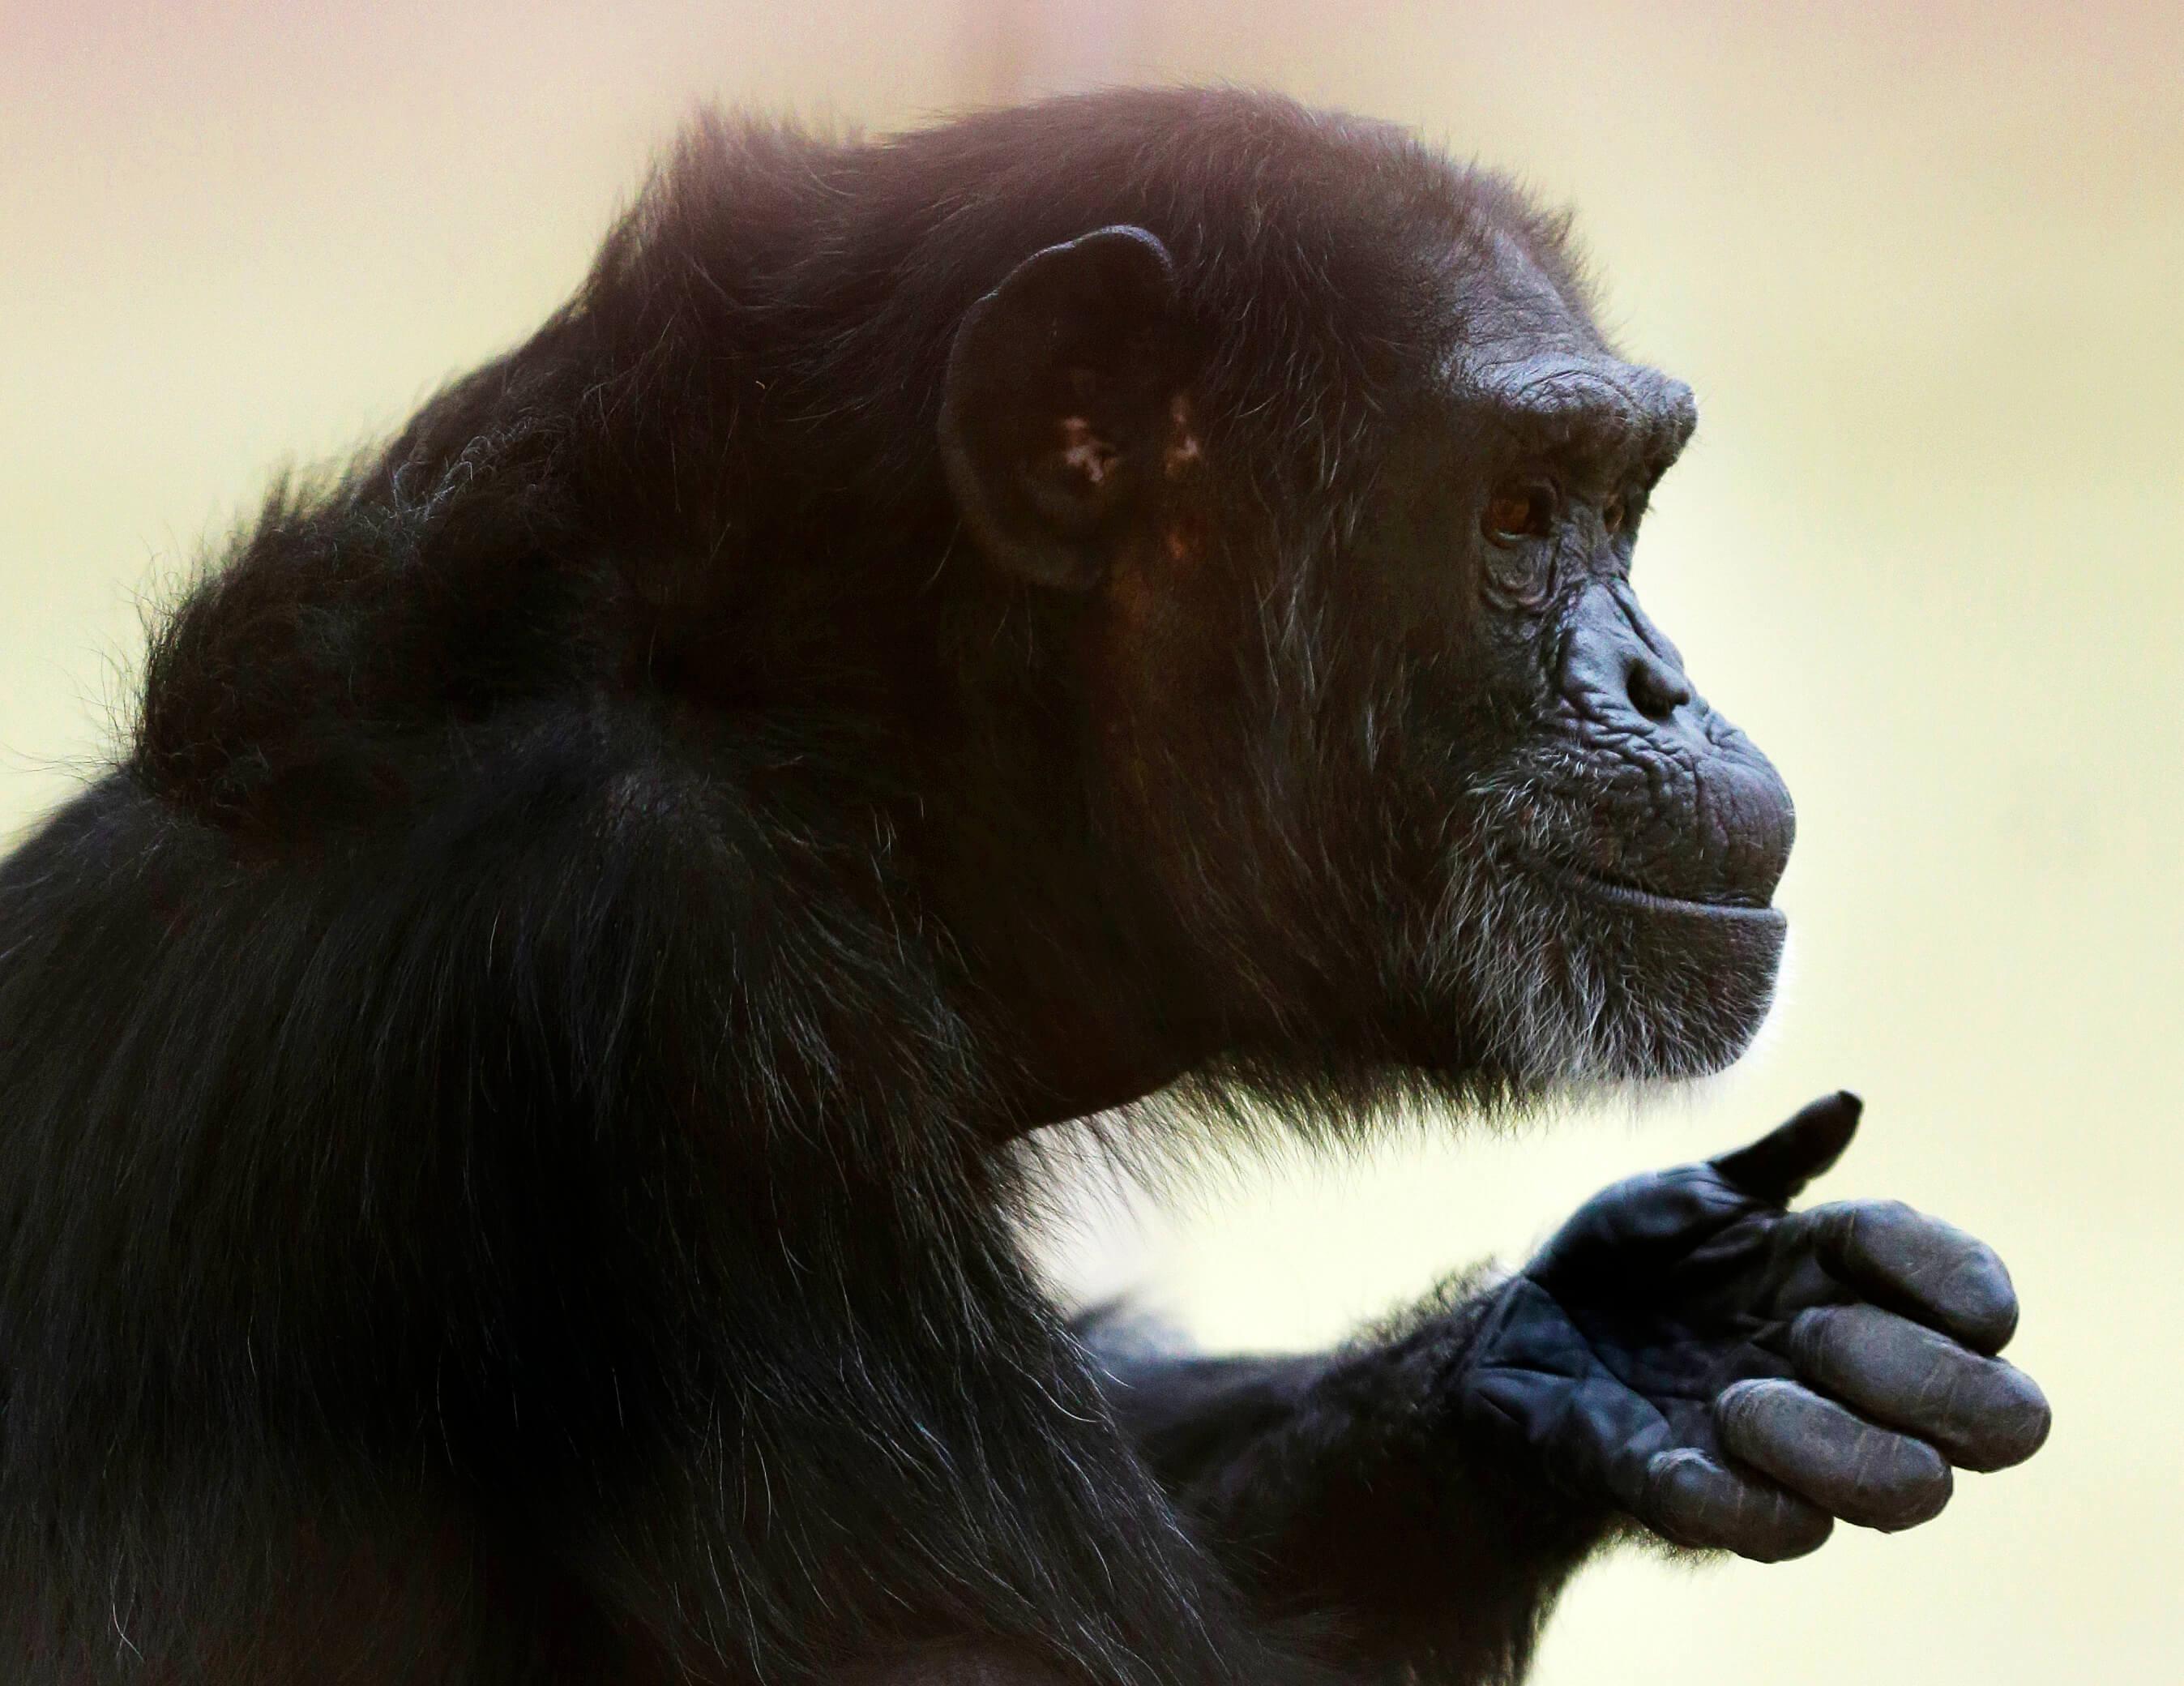 FOTO Tortugas, botana para chimpancés en naturaleza (AP septiembre 2016 estados unidos)